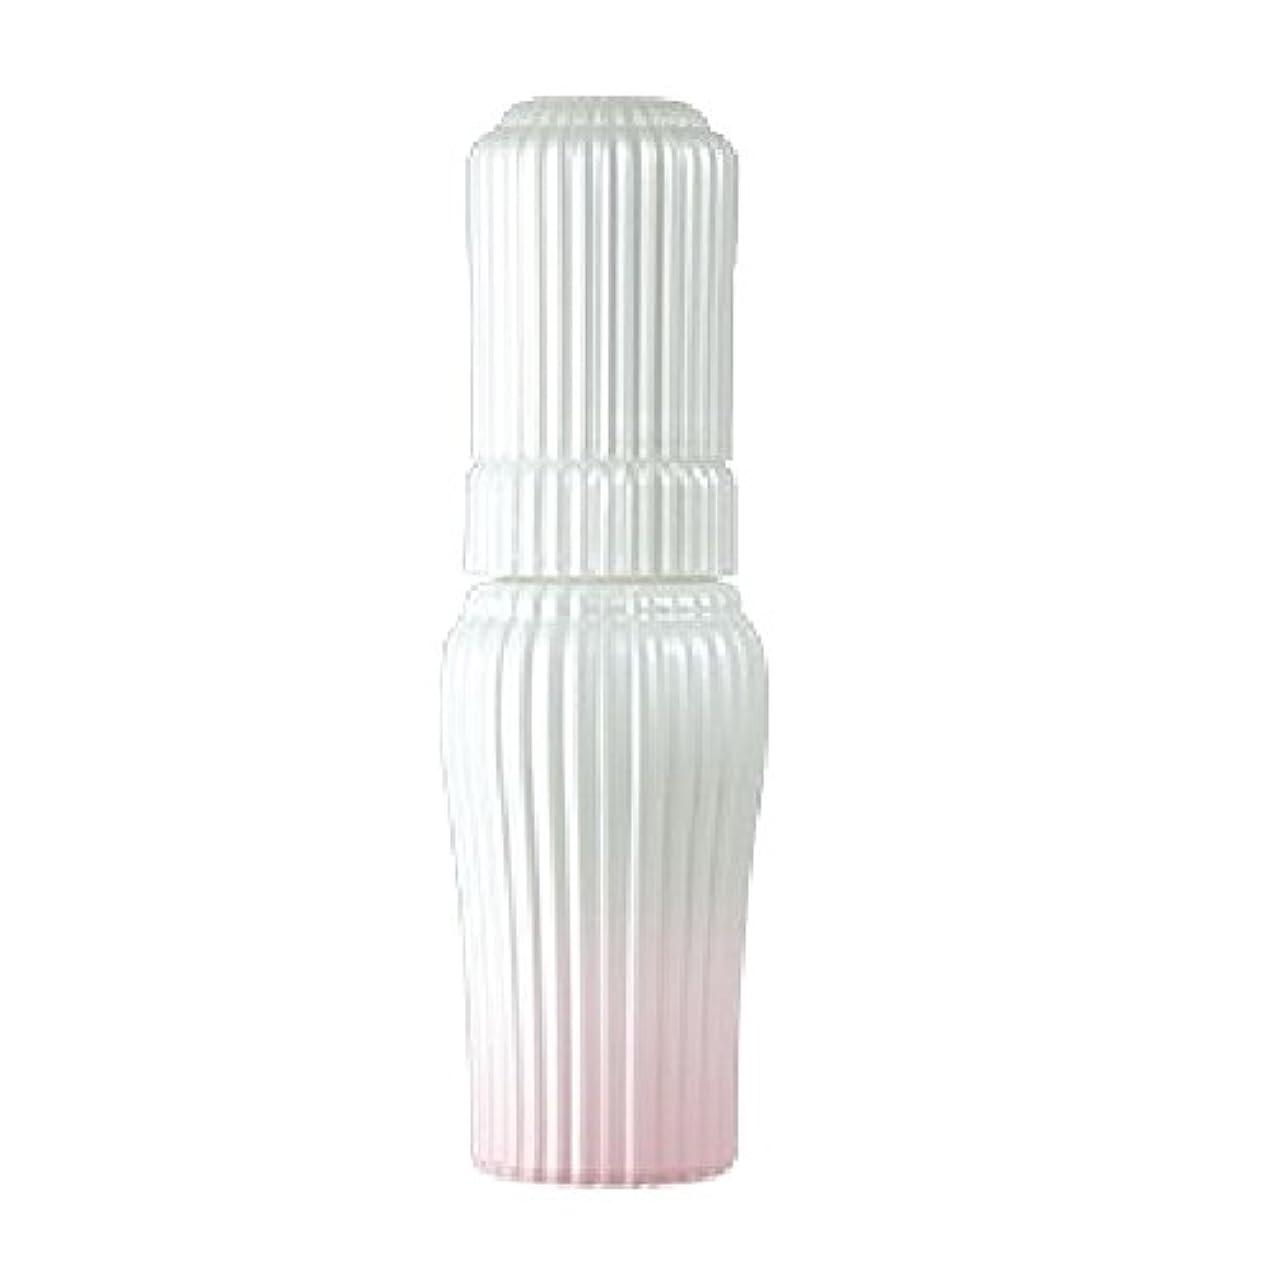 。物理的なメインアユーラ (AYURA) fサインディフェンス ホワイトニングセラム(医薬部外品) 40mL 〈敏感肌用 美白 美容液〉 薬用美白液